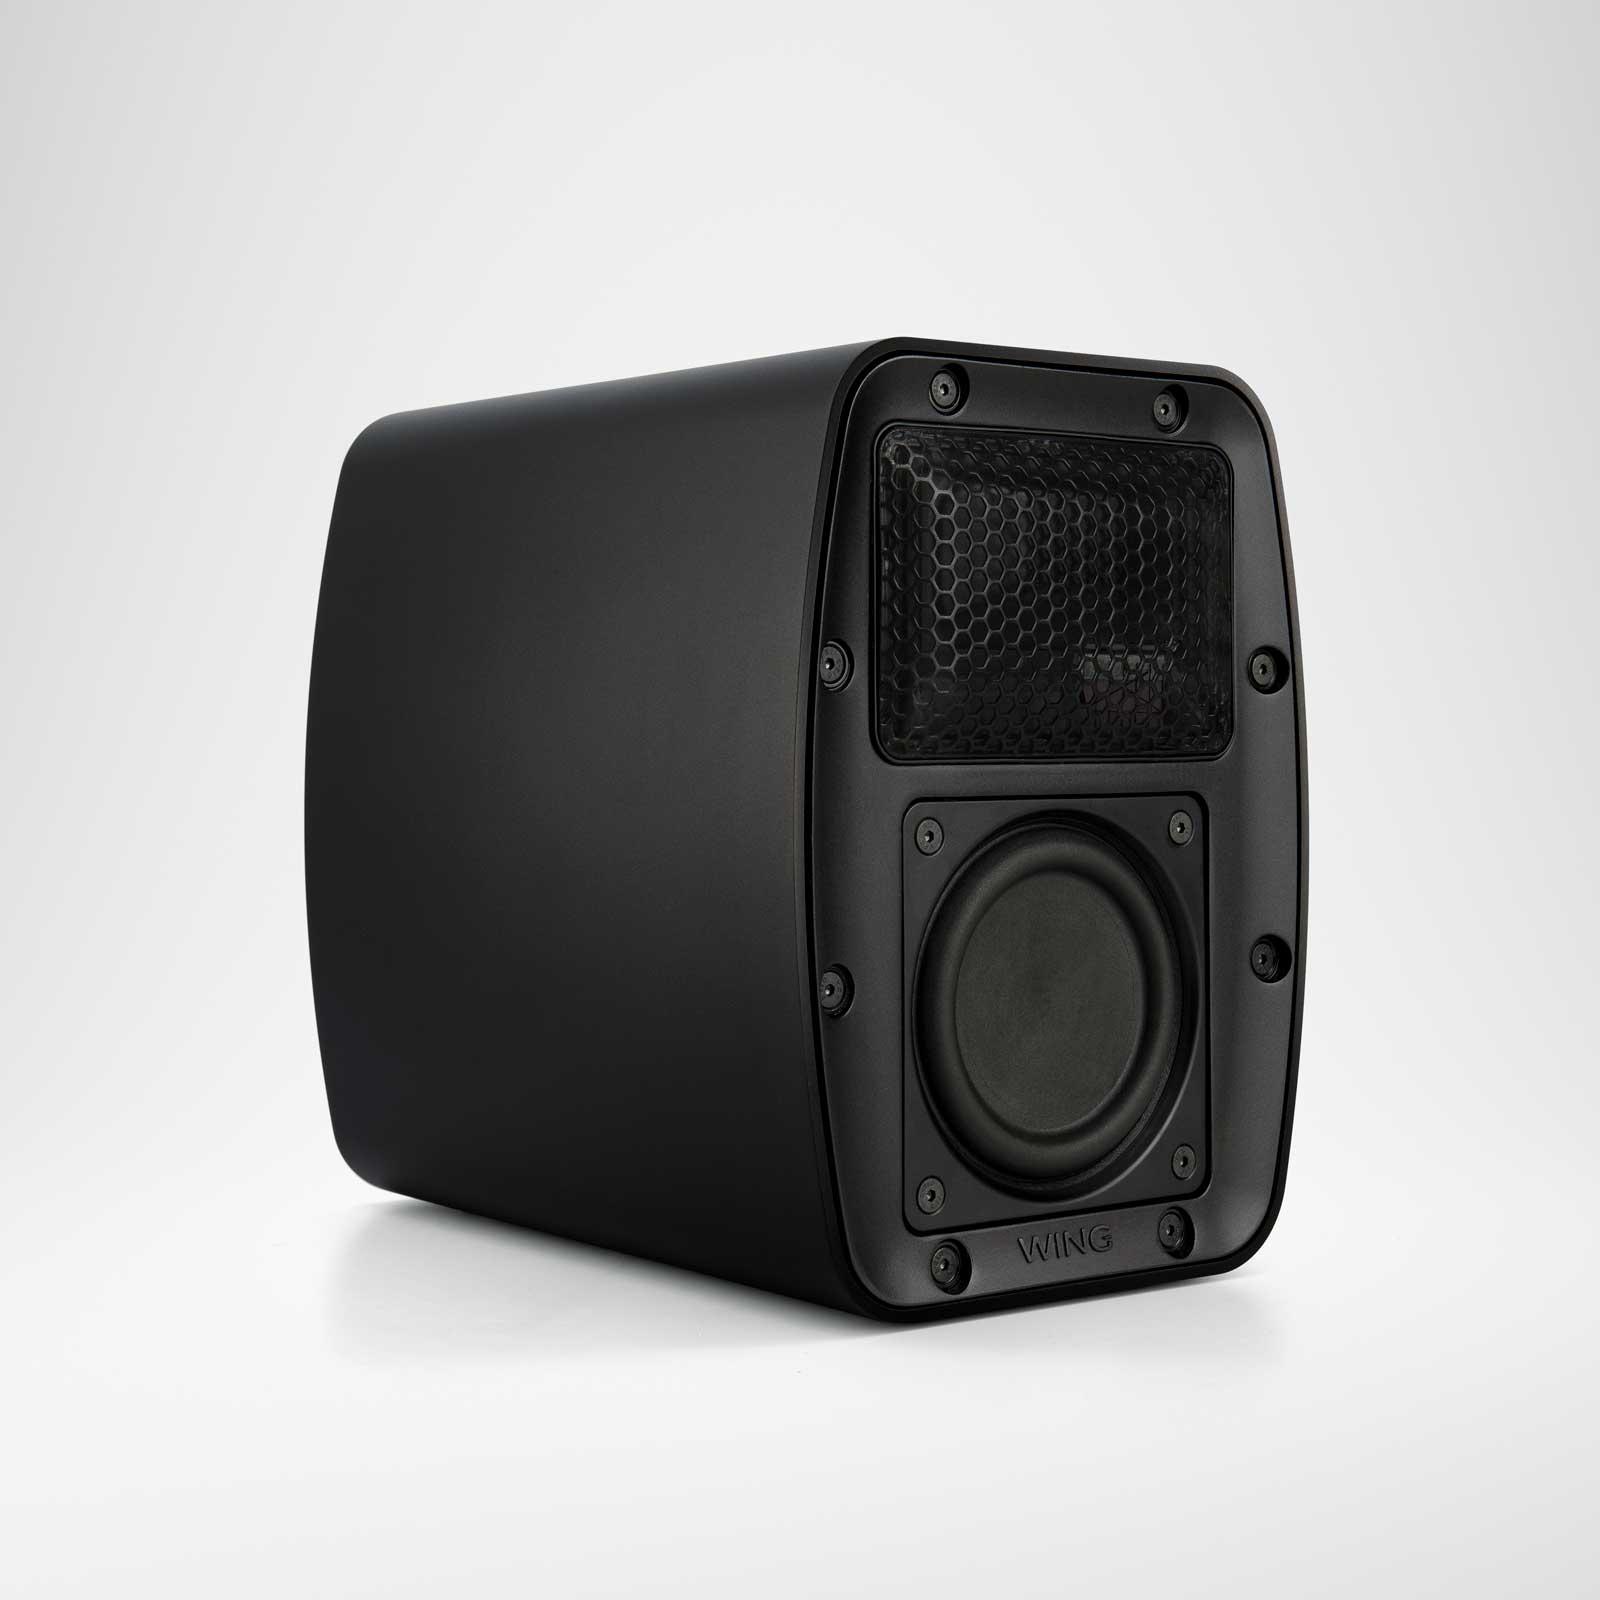 Wing - Best speakers